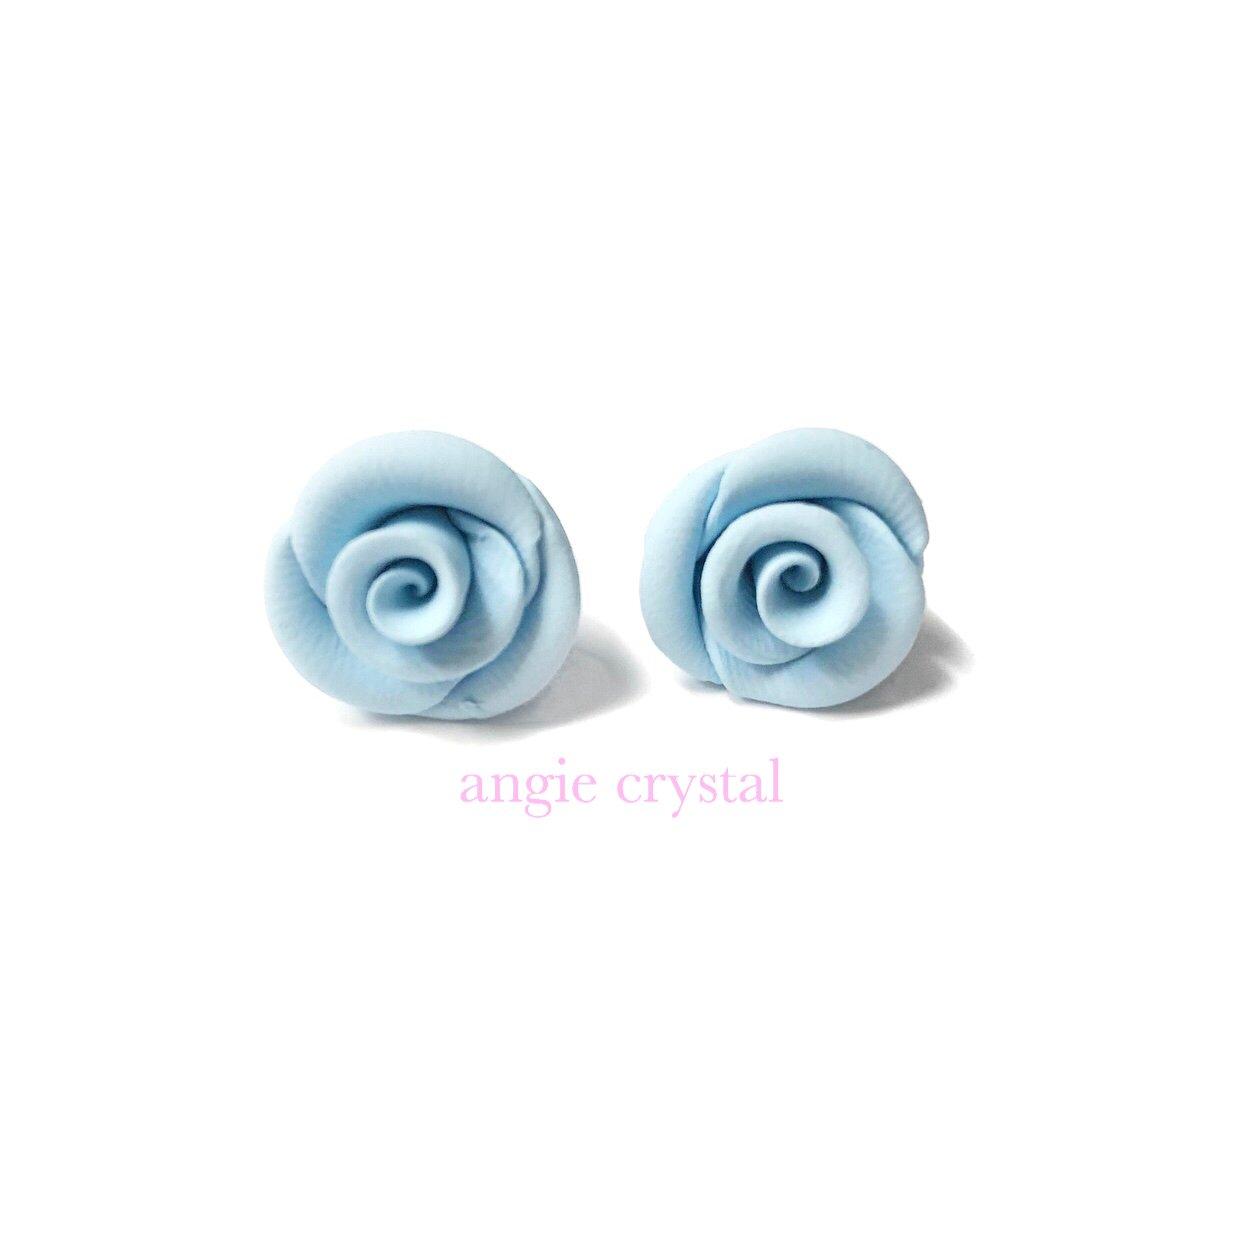 Image of Baby Blue Rose Stud Earrings